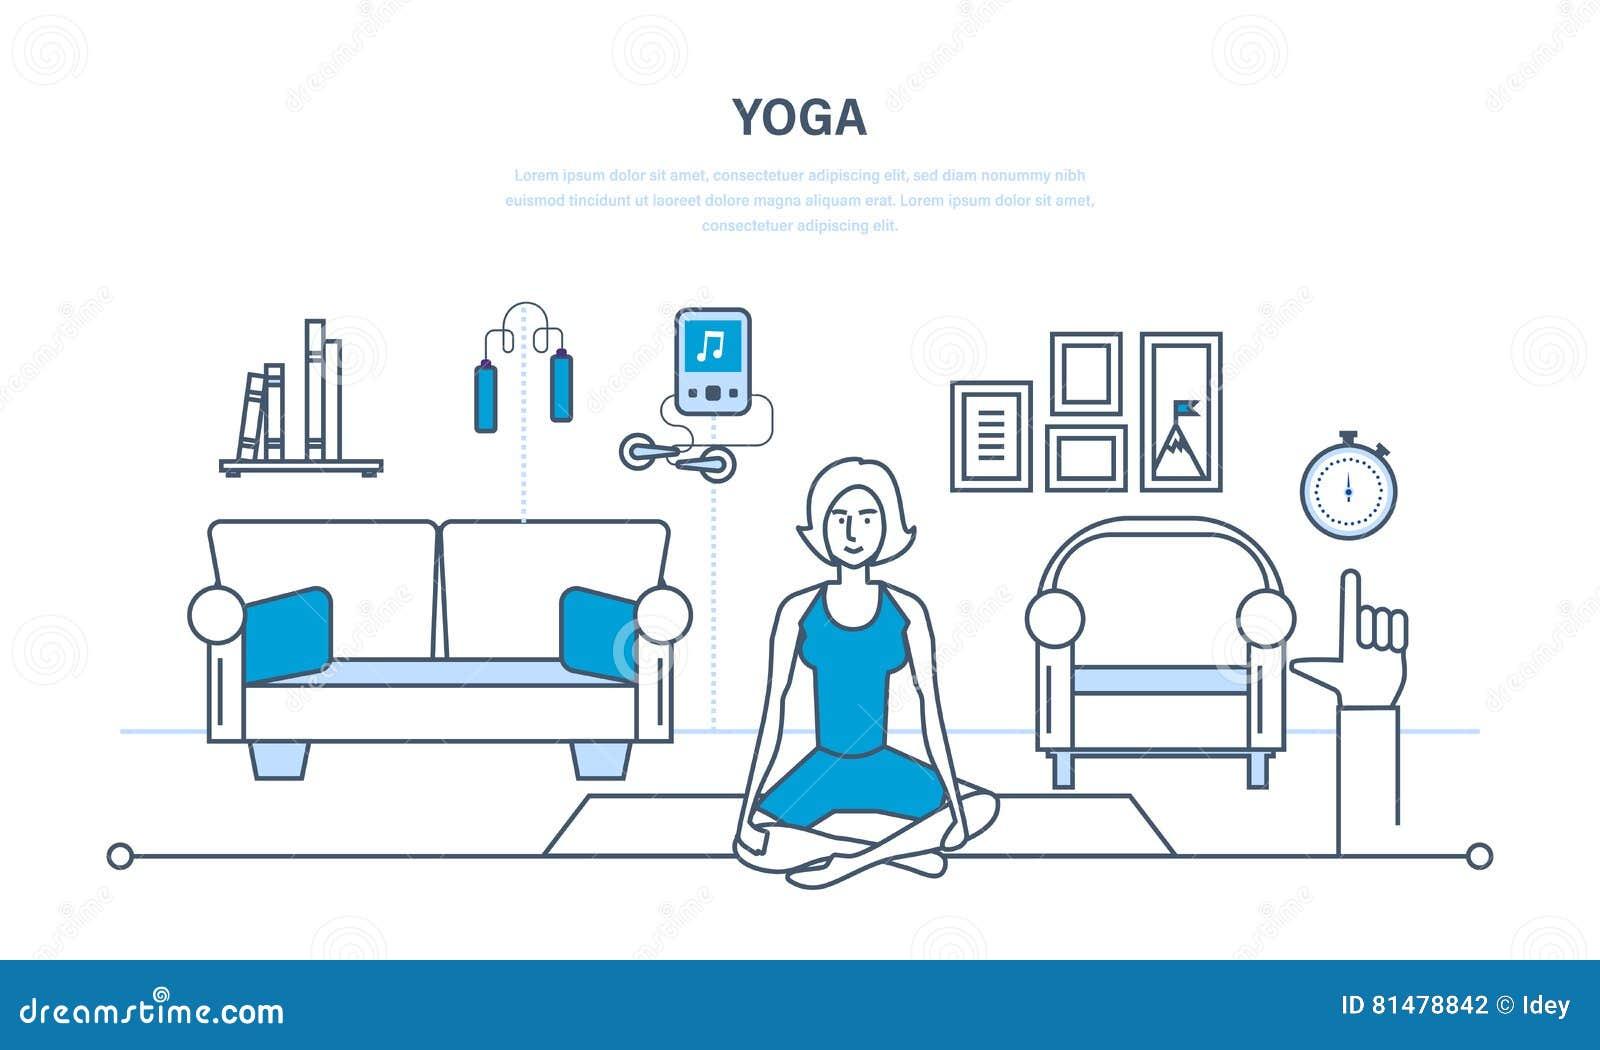 Wunderbar Yoga Möbel Referenz Von Pattern Yoga, Innenraum Des Raumes, Möbel Für